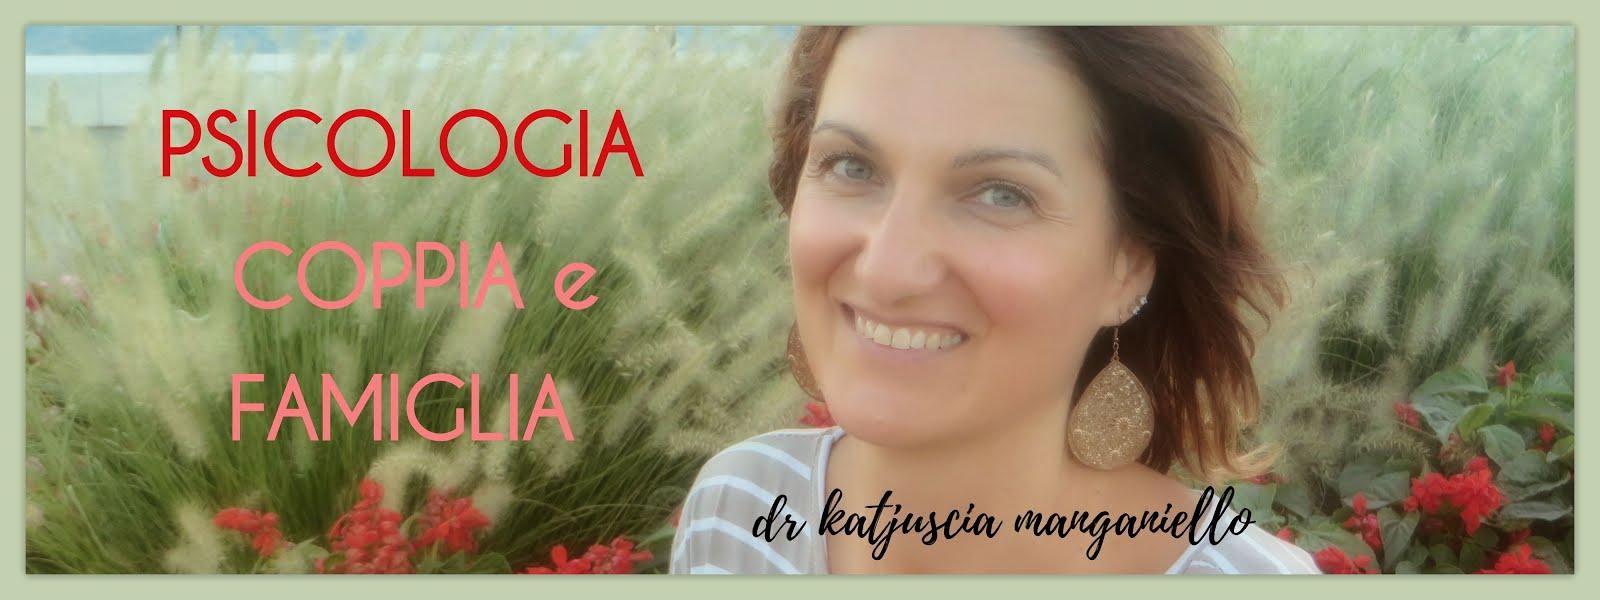 - PSICOLOGIA COPPIA e FAMIGLIA -